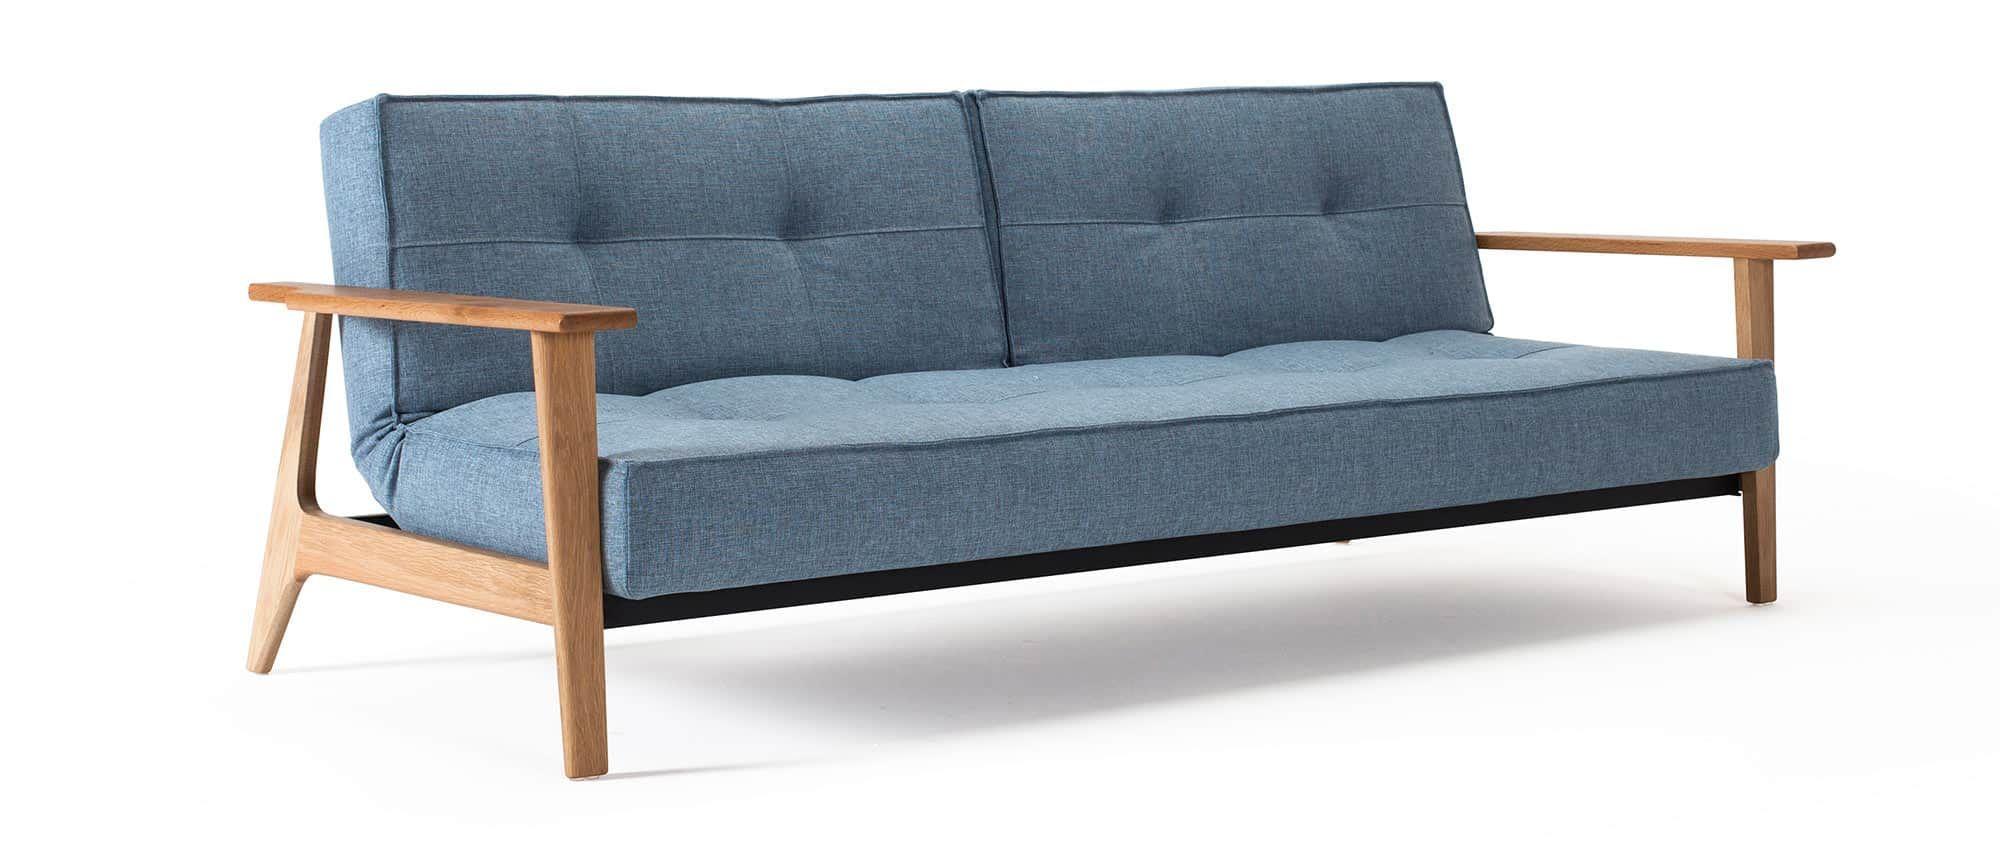 Shop And And Holzmobel Minimalistisches Skandinavisches Design Und